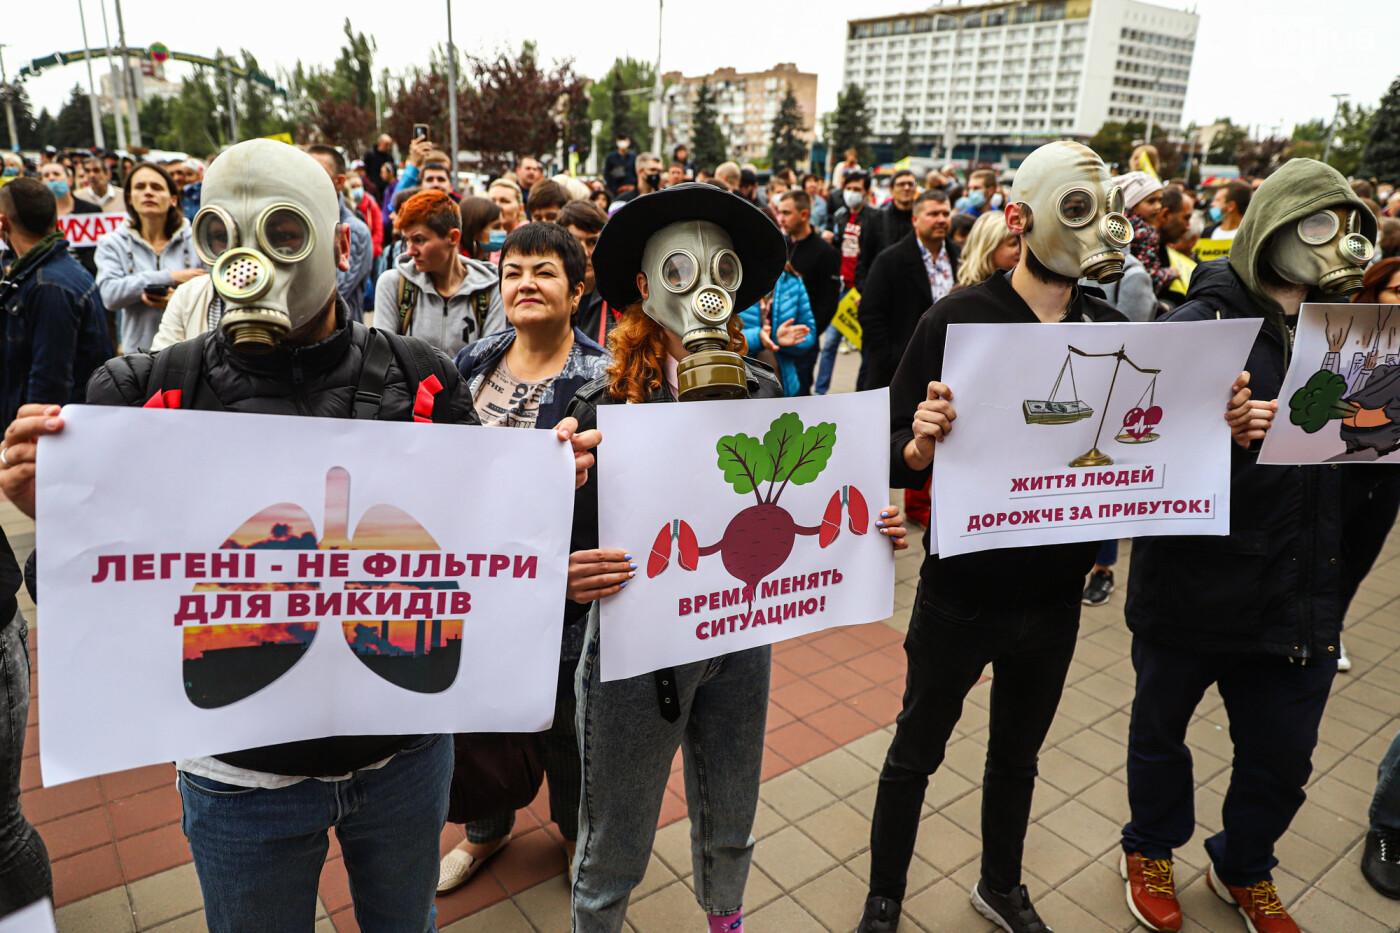 Маю право дихати: тысячи запорожцев вышли на экологический митинг, ФОТО, ВИДЕО, фото-27